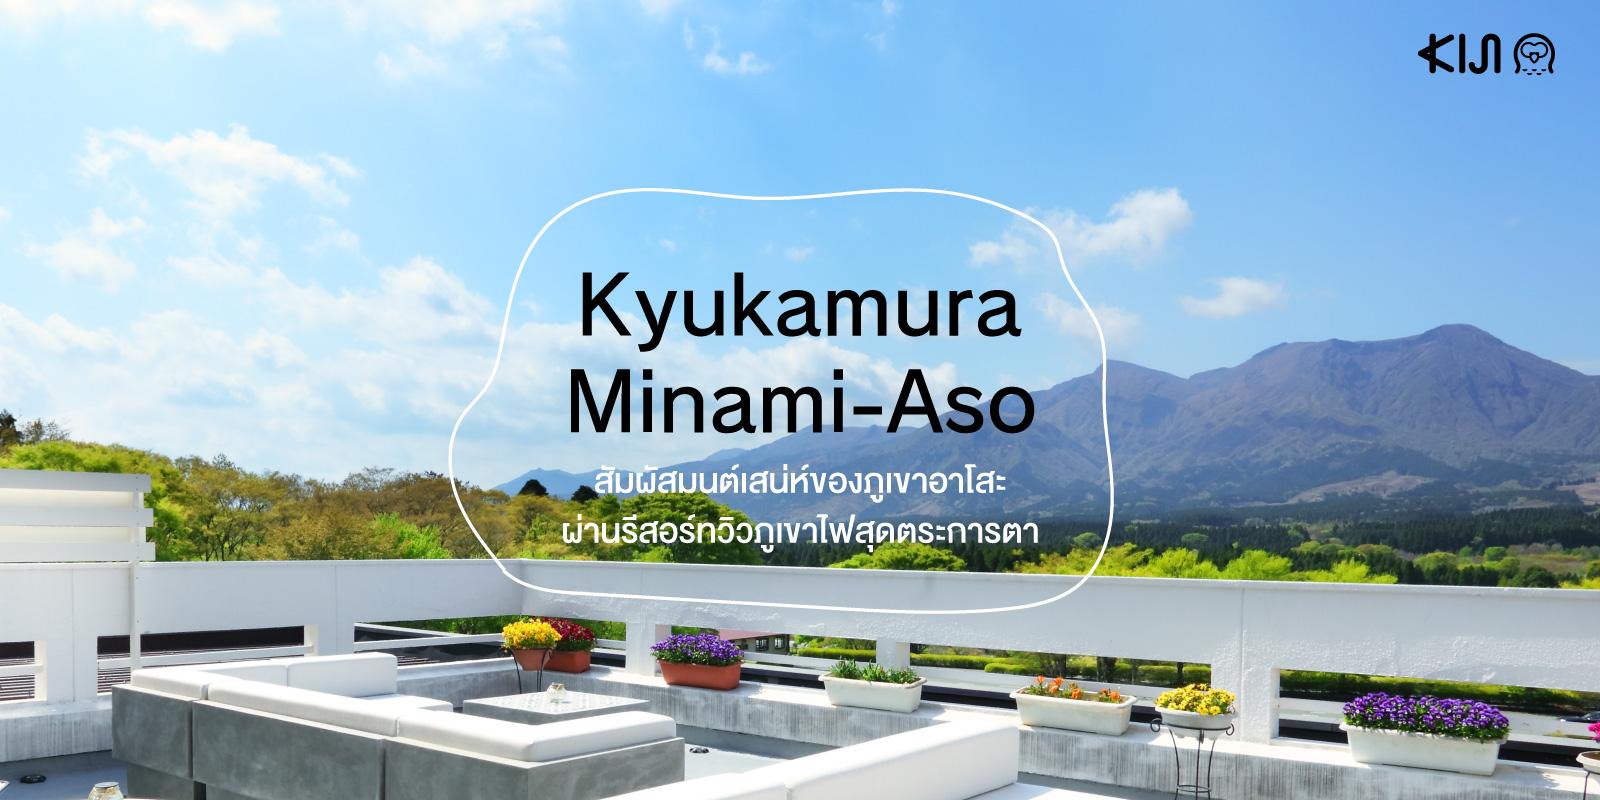 Kyukamura Minami-Aso โรงแรมวิวภูเขาอะโสะ คุมาโมโตะ